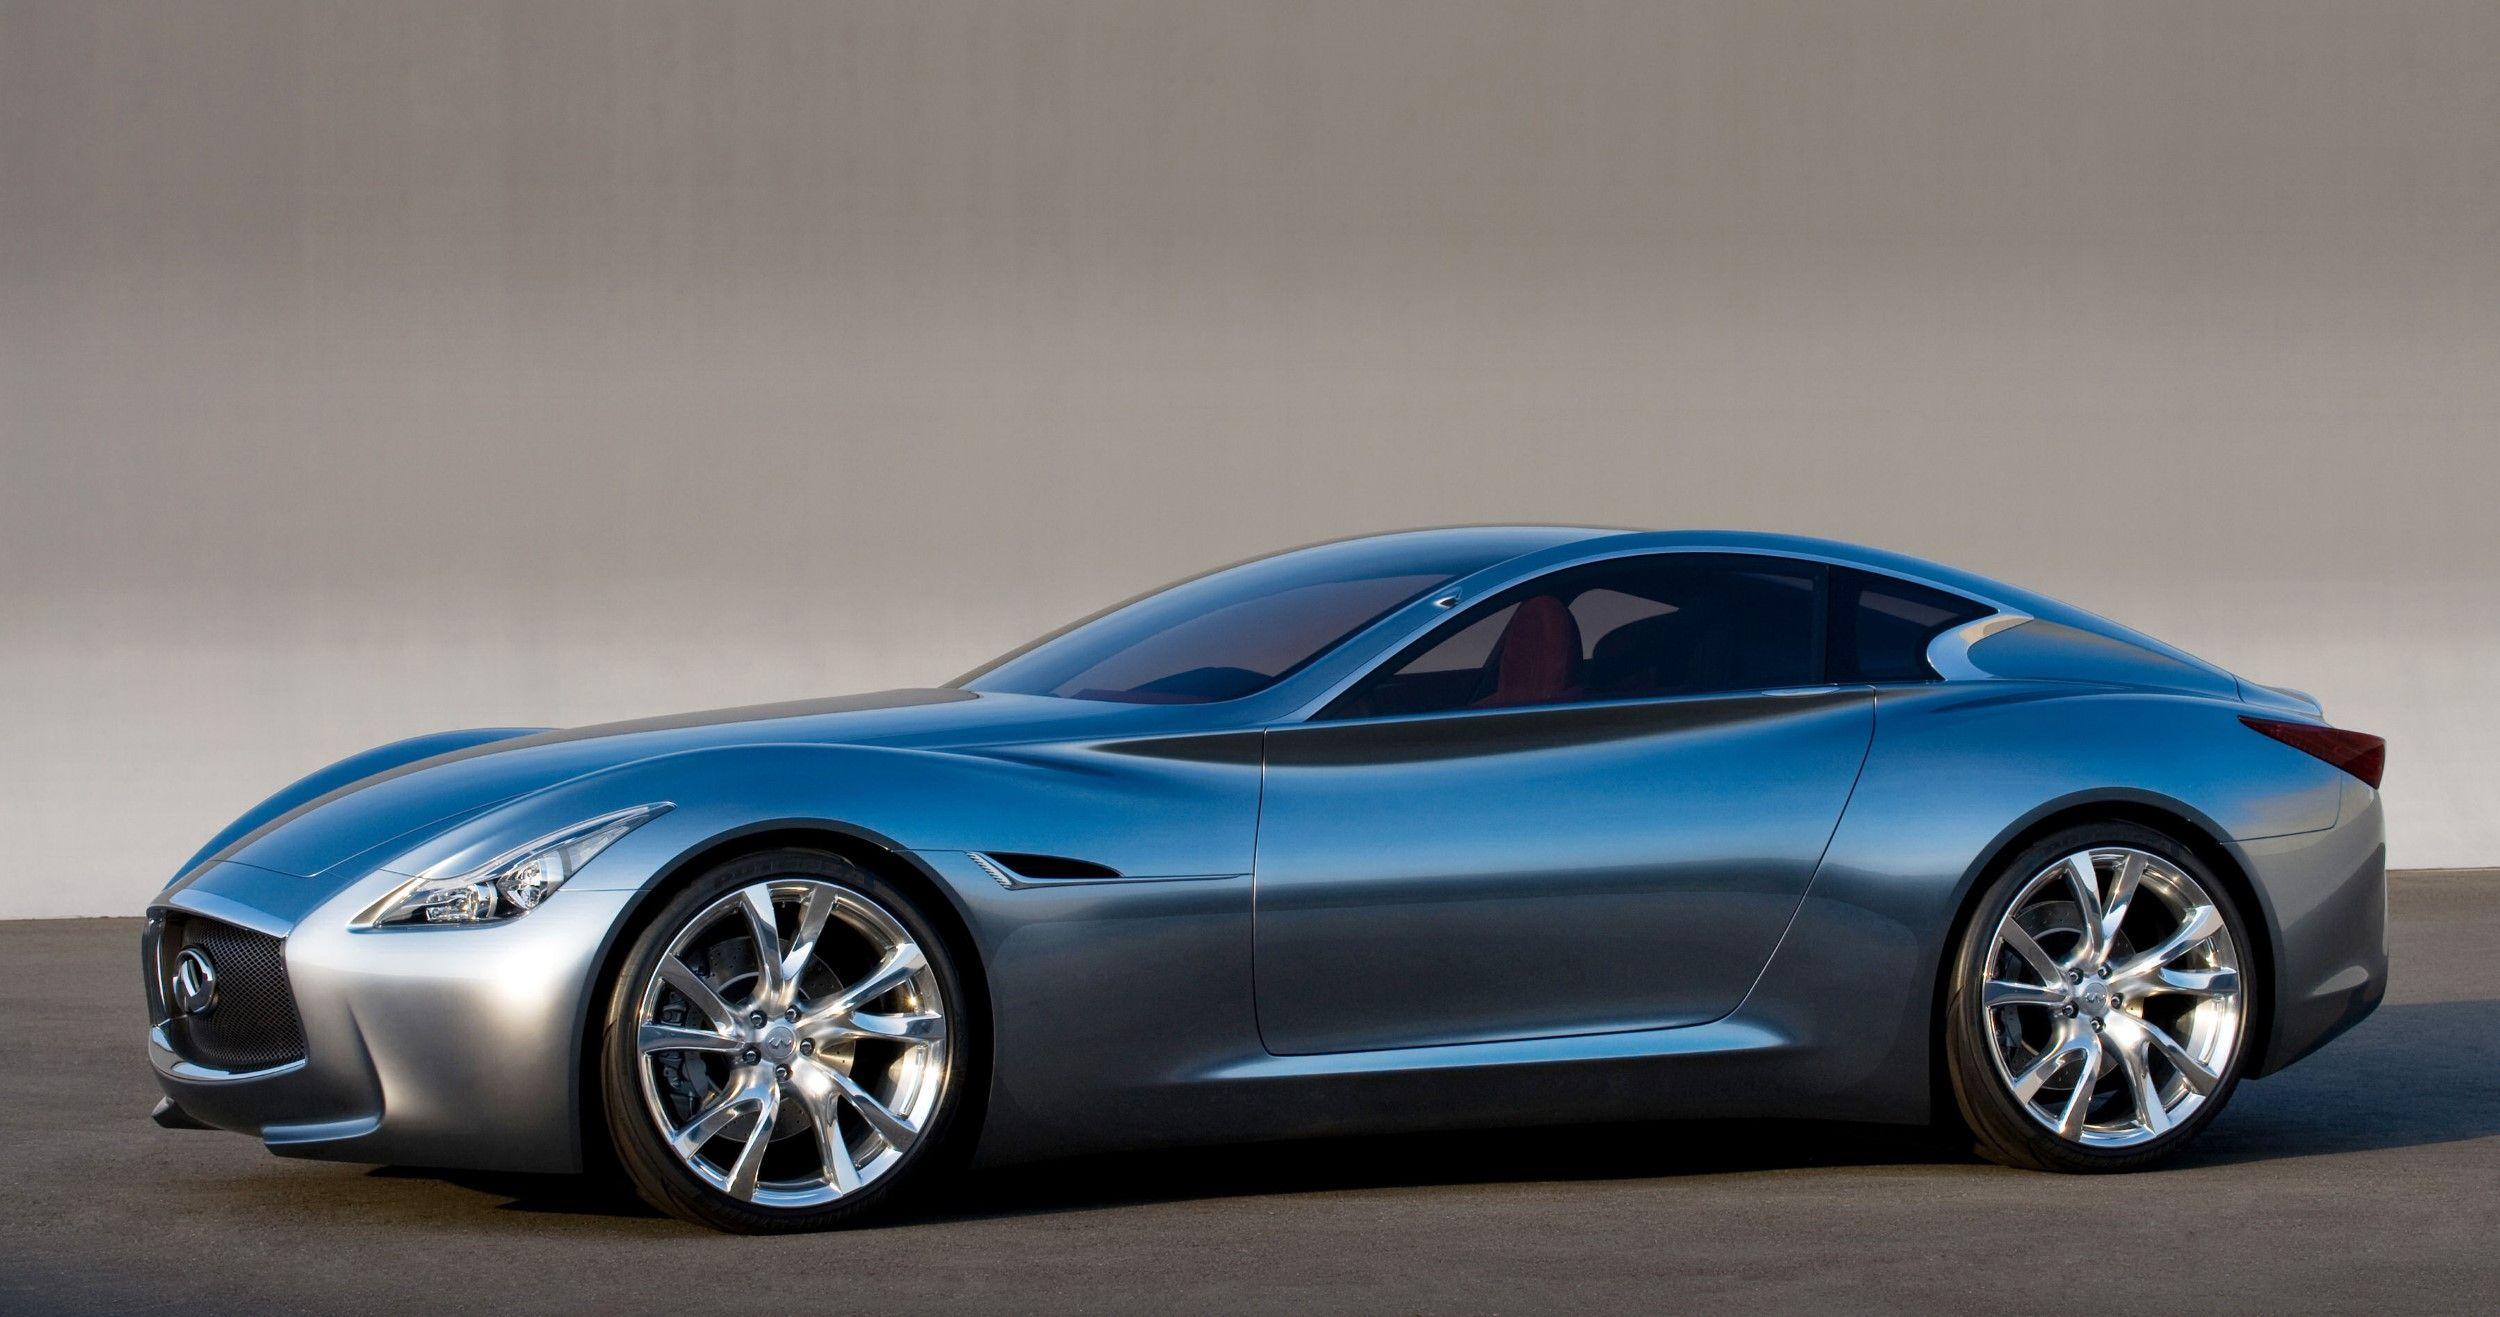 2012 Infiniti Essence Concept Car